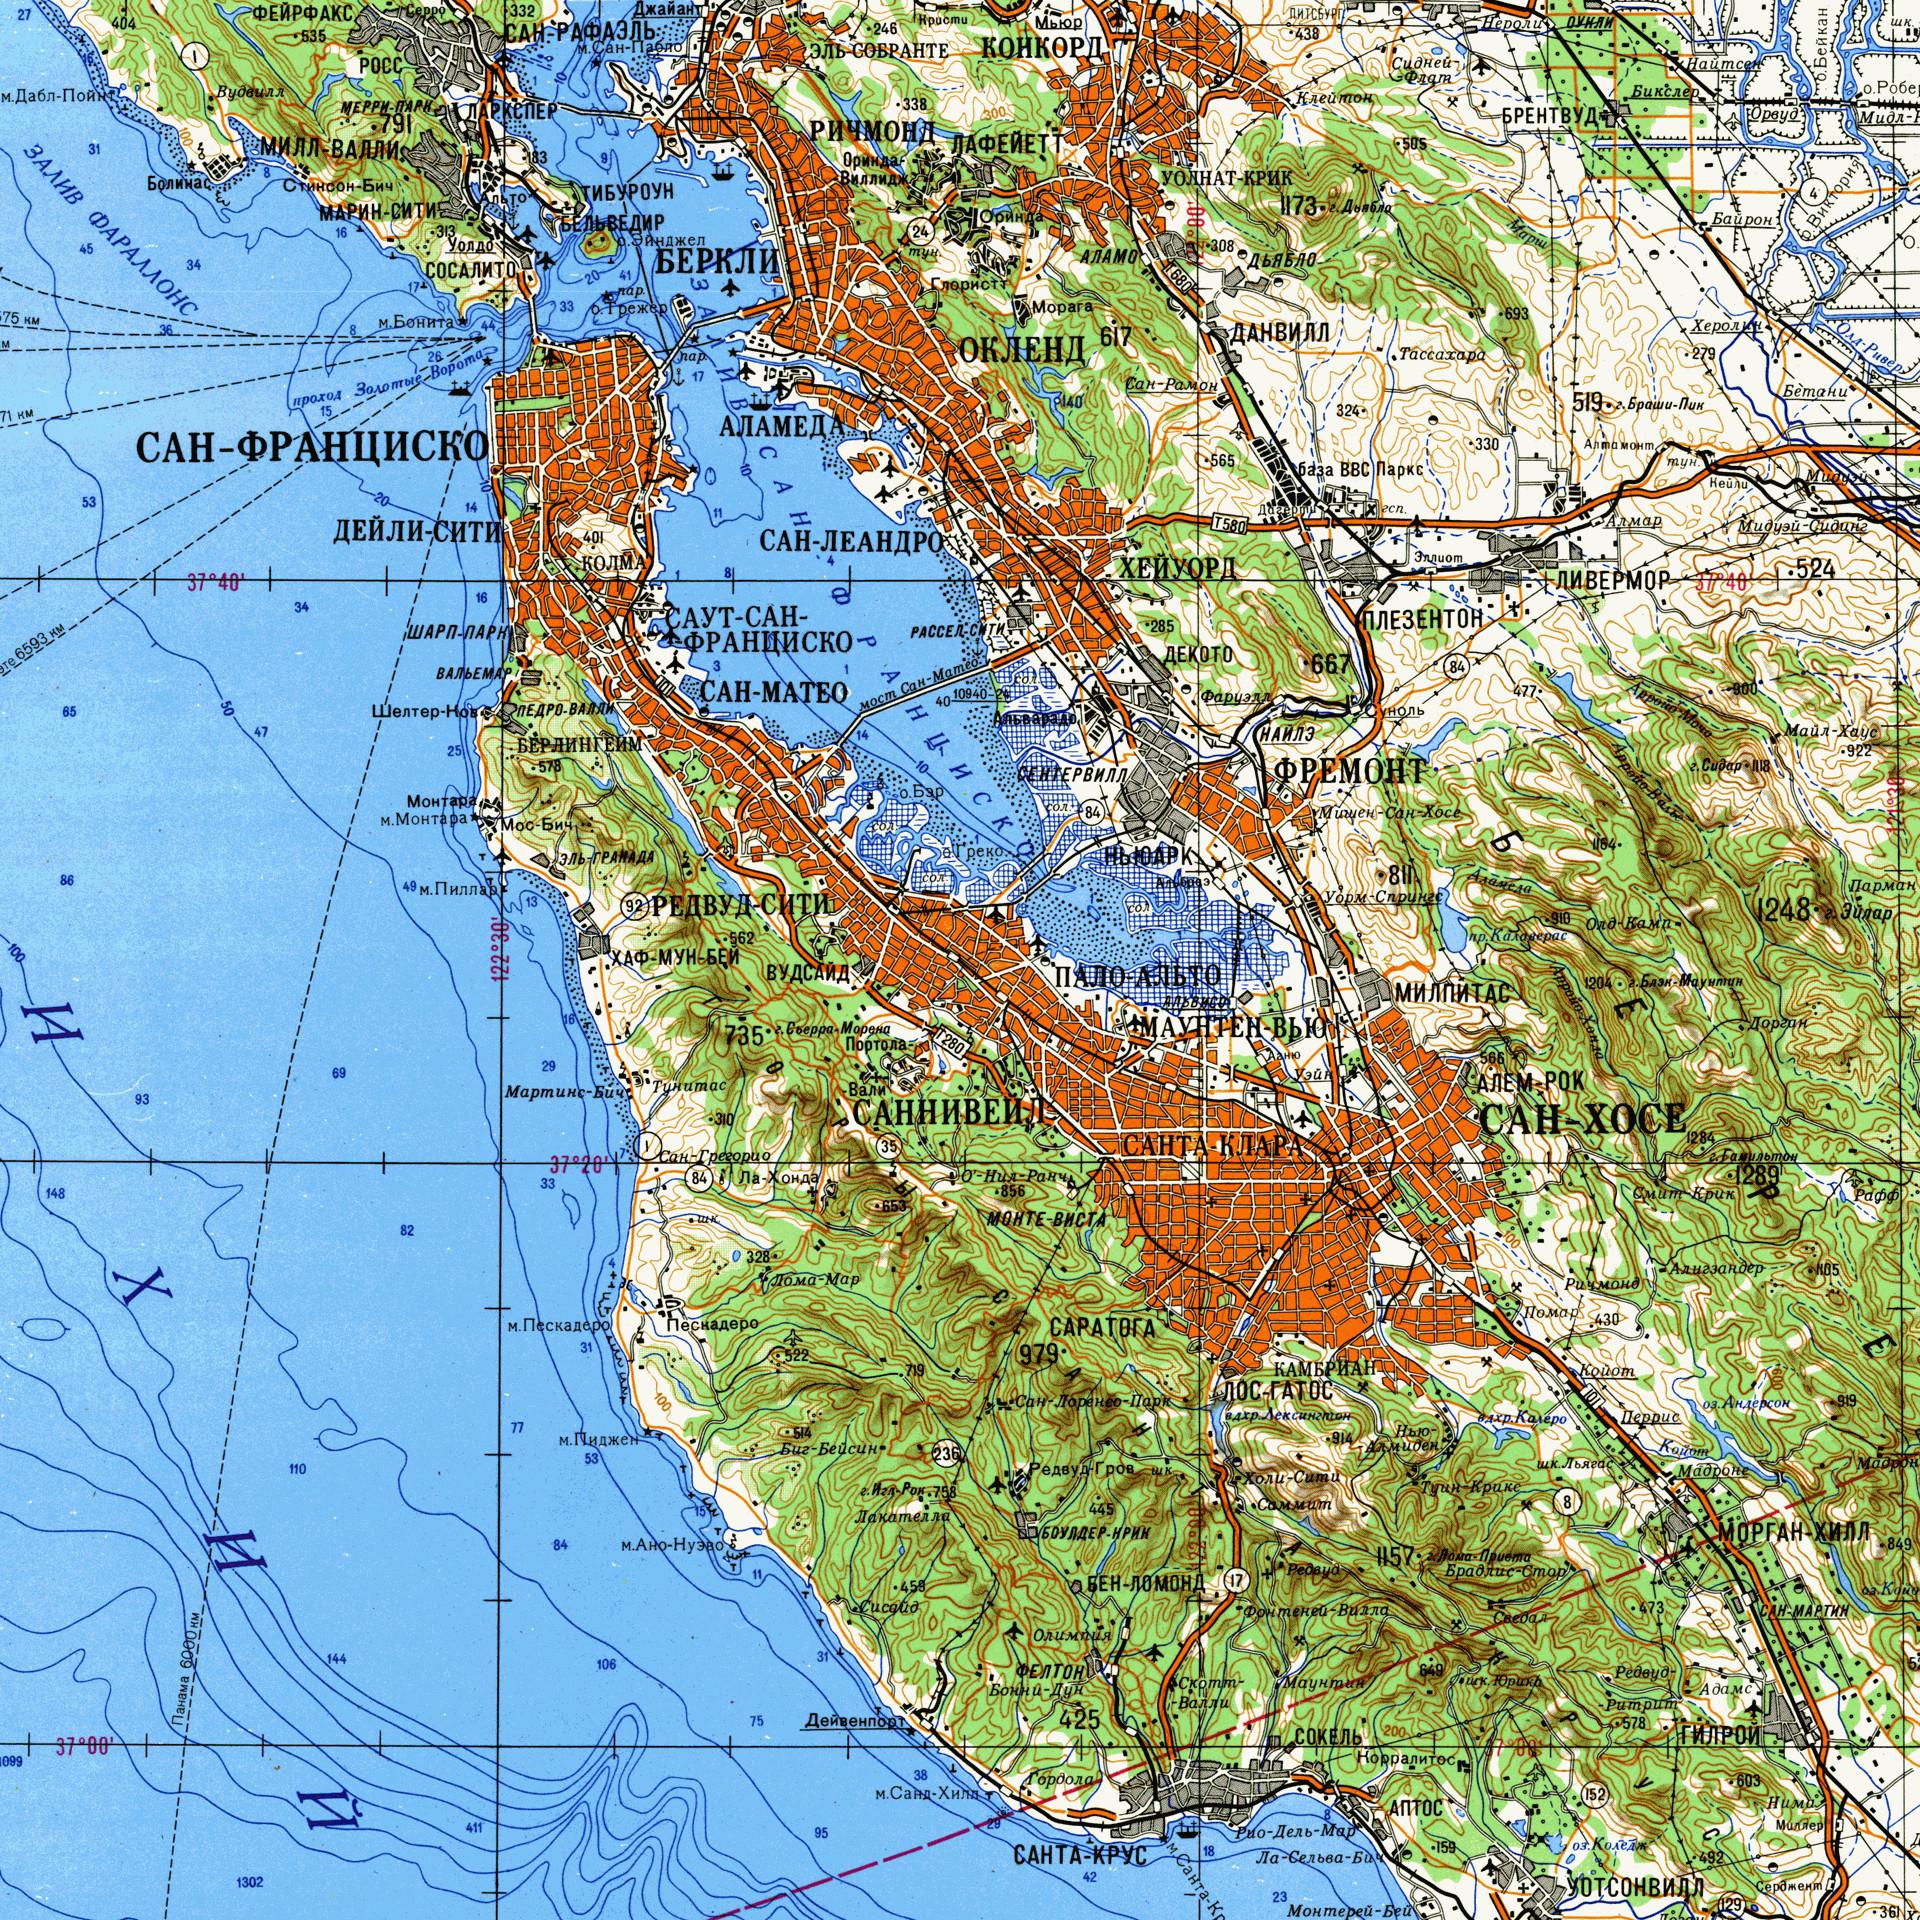 Map Of San Francisco Bay Area California Printable Maps San - Printable Map Of San Francisco Bay Area